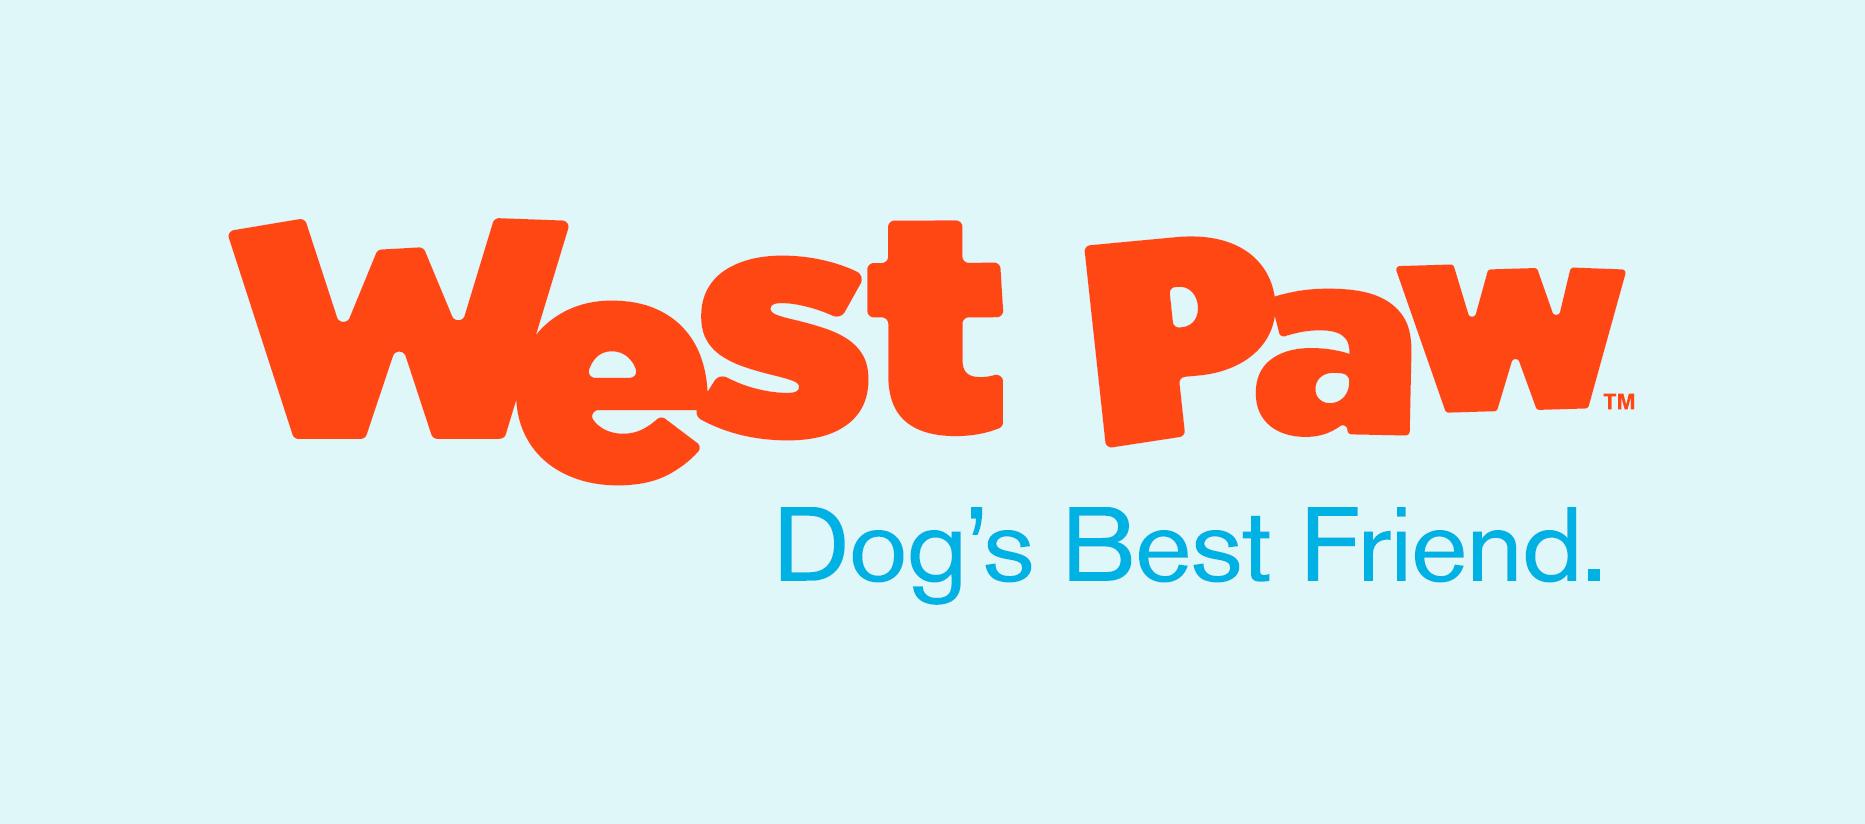 West paw a kutyák legjobb barátja